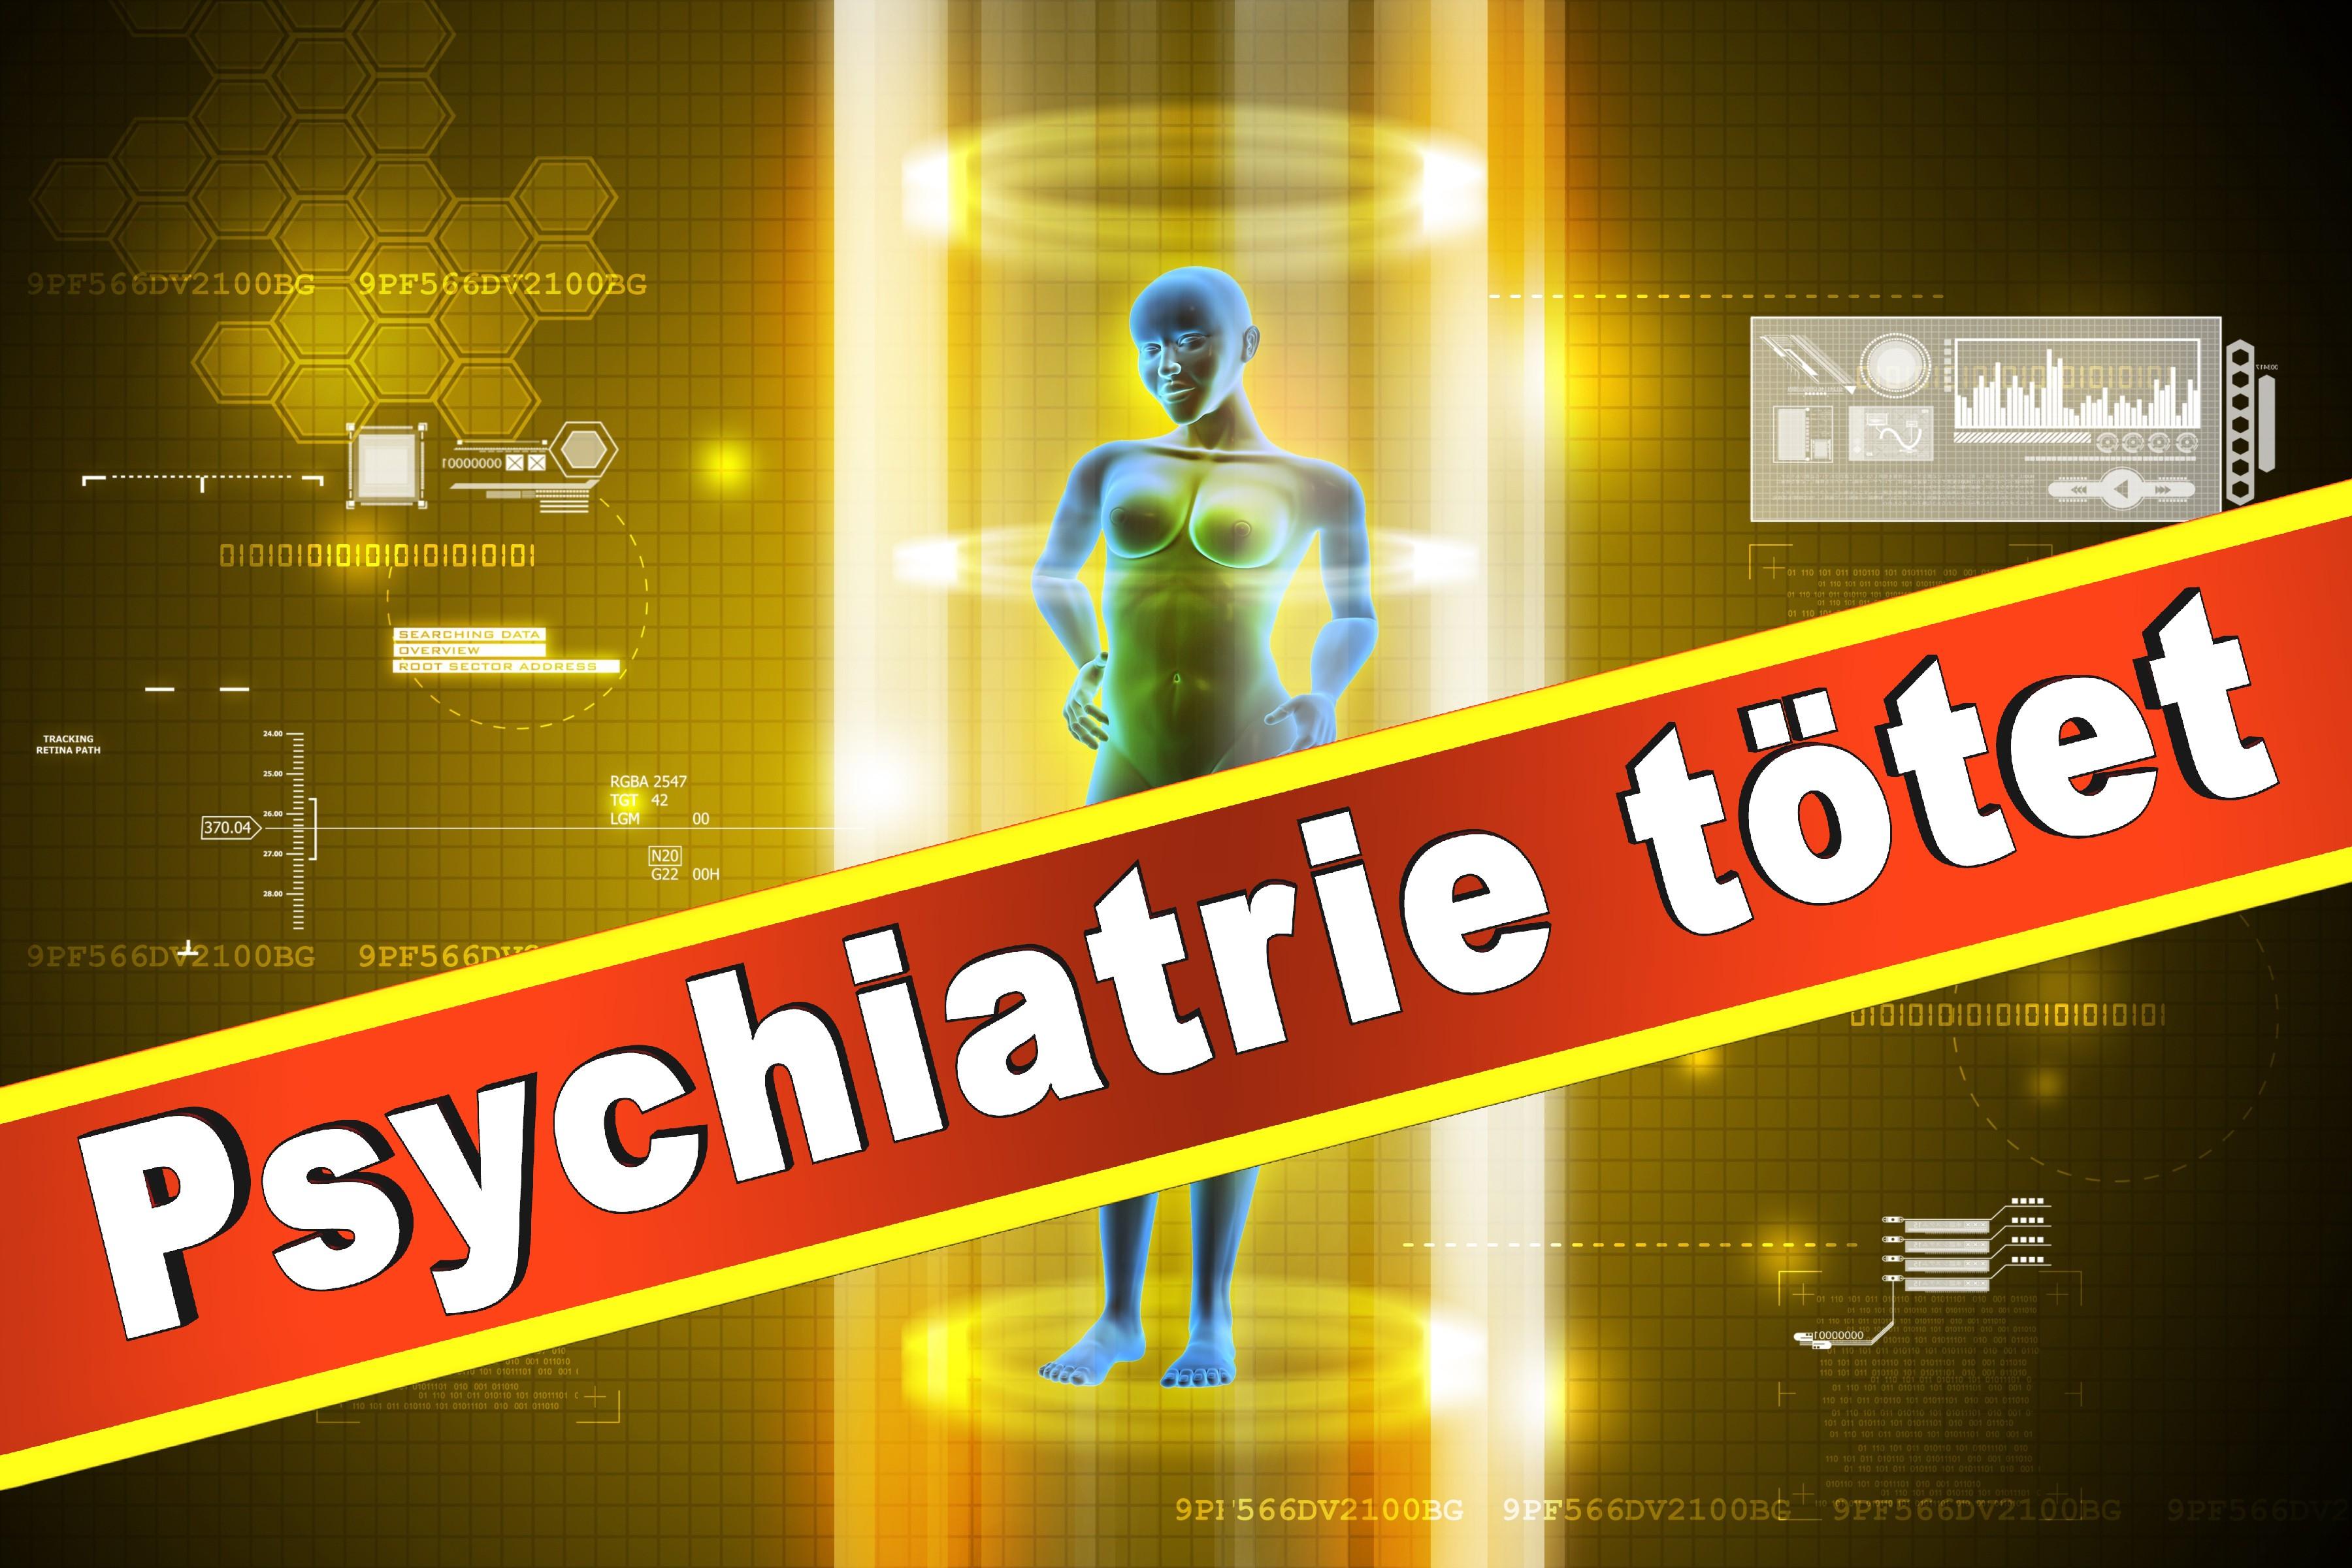 Wielant Machleidt Psychiater Psychotherapeut Professor Praxis Der Interkulturellen Psychiatrie Und Psychotherapie Medizinische Hochschule Hannover Klinik Für Psychiatrie Sozialpsychiatrie (22)